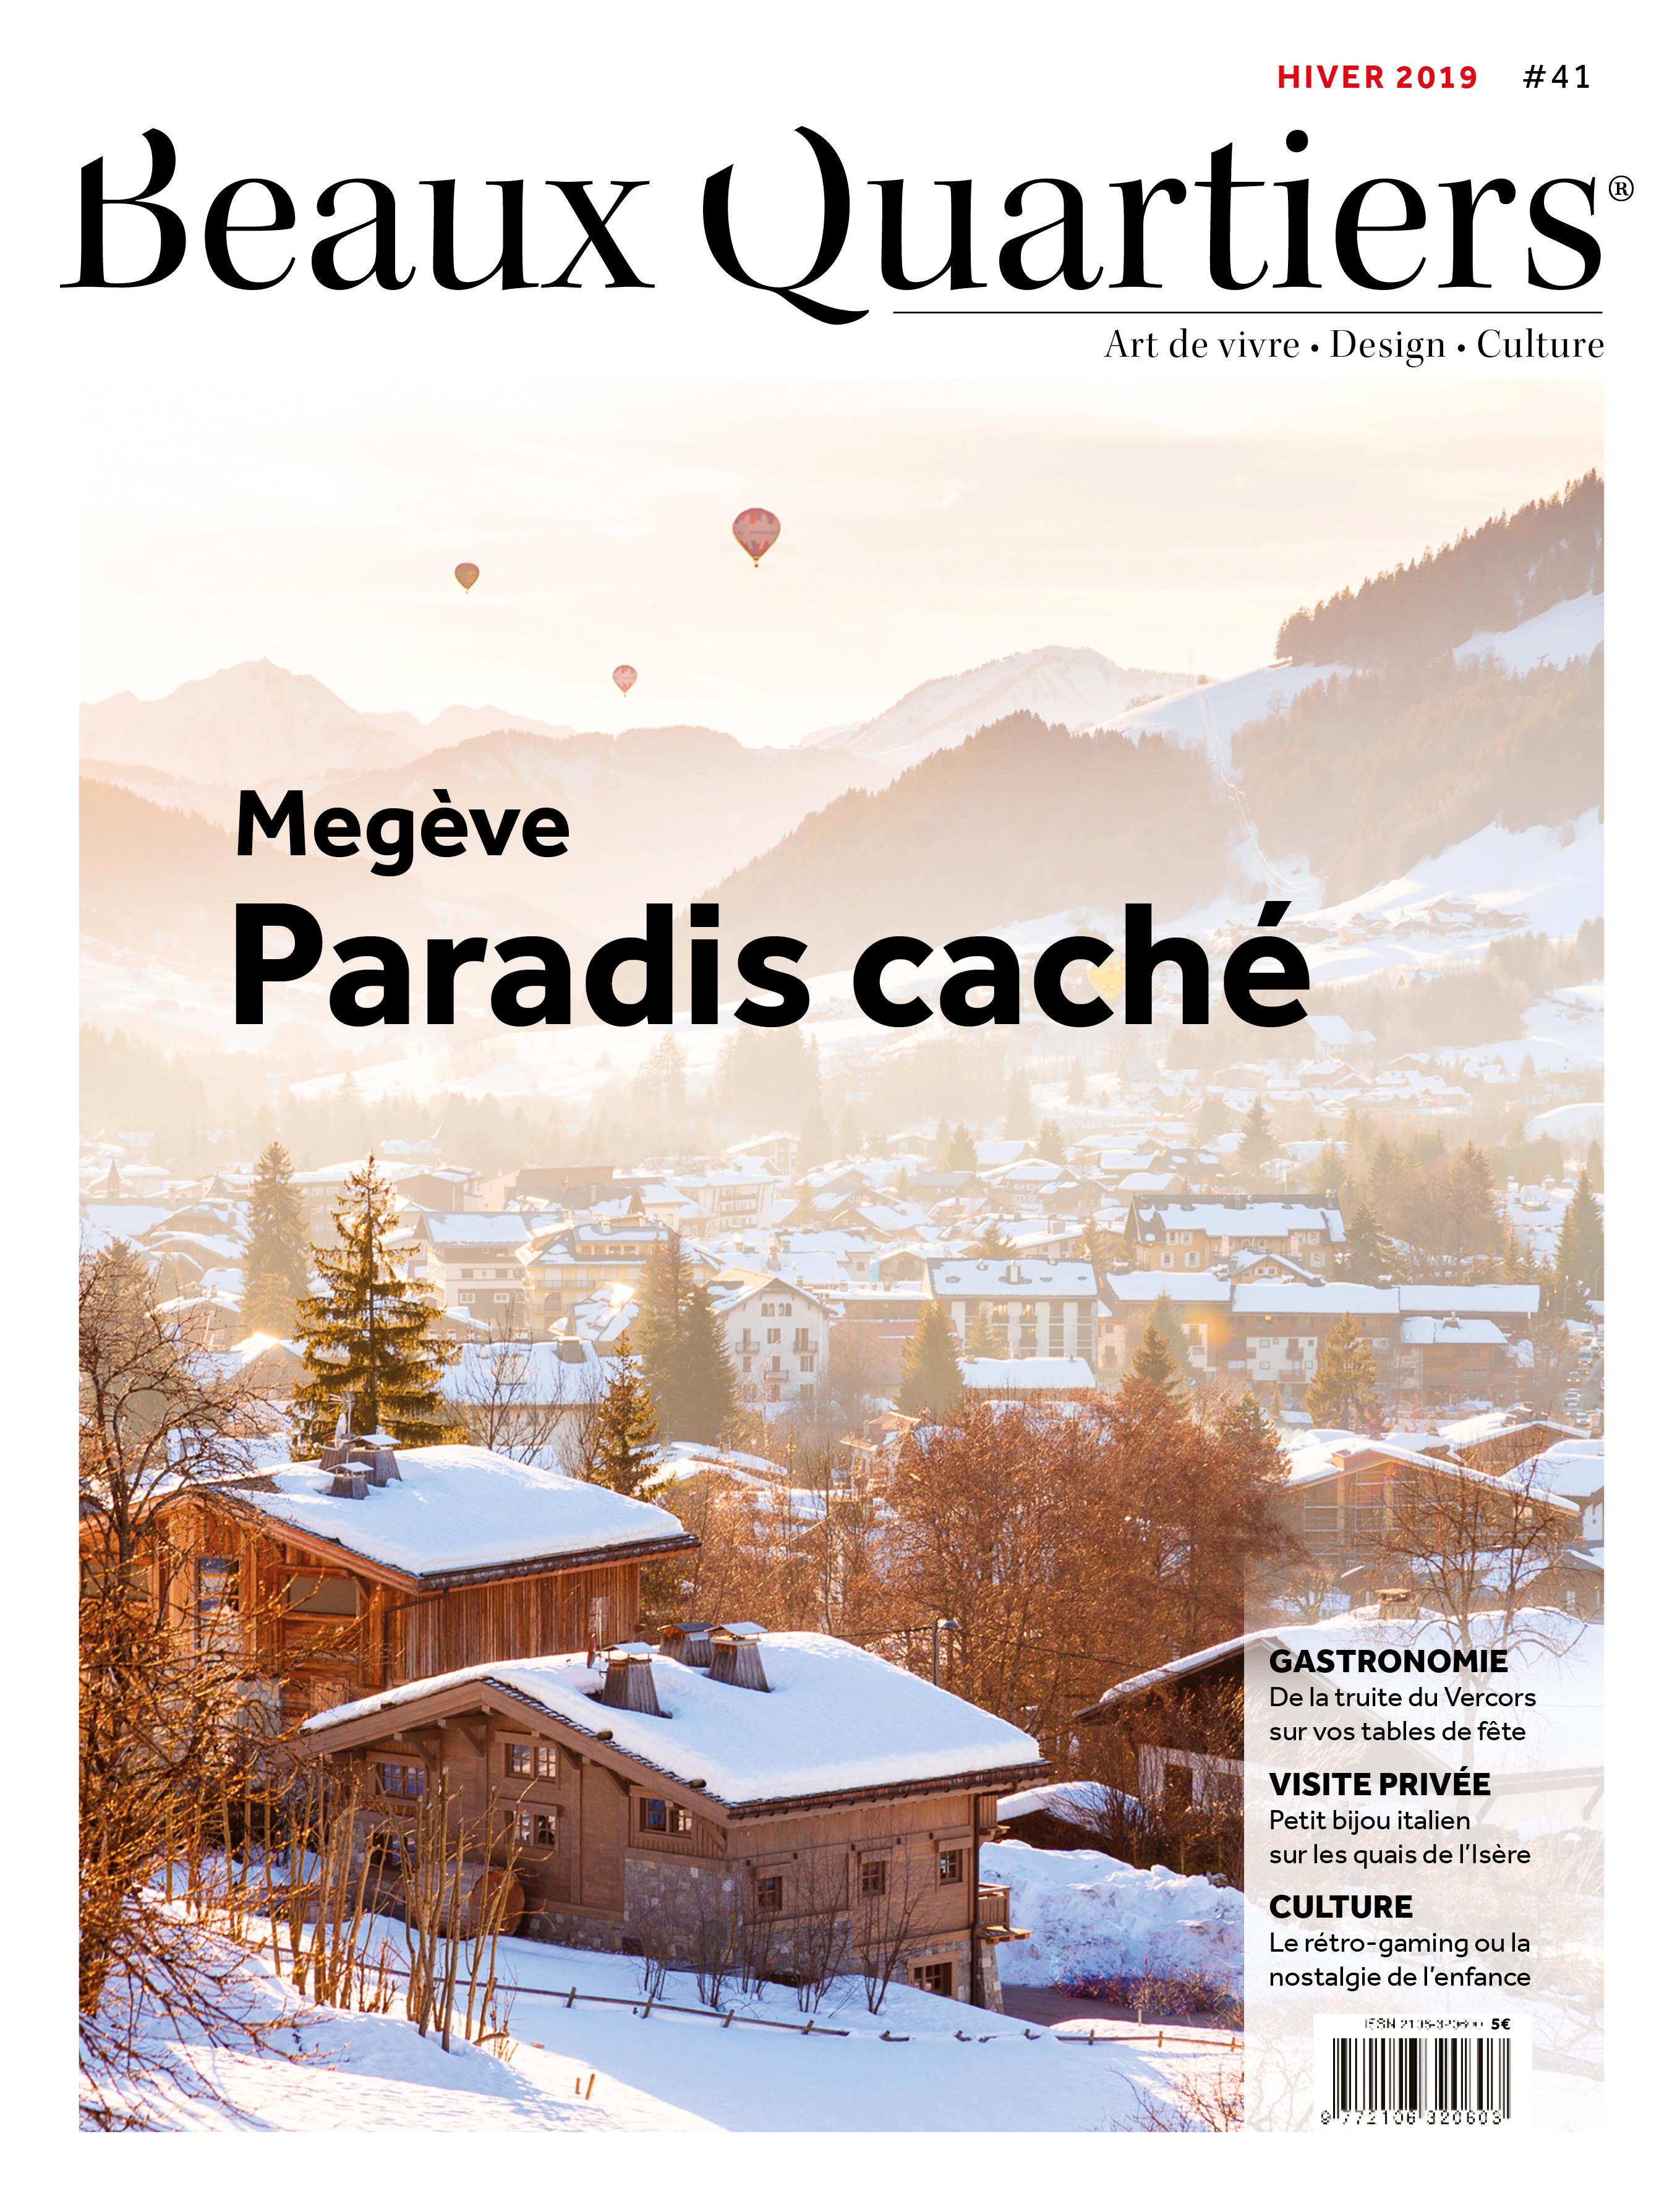 Beaux Quartiers 41 – Hiver 2019